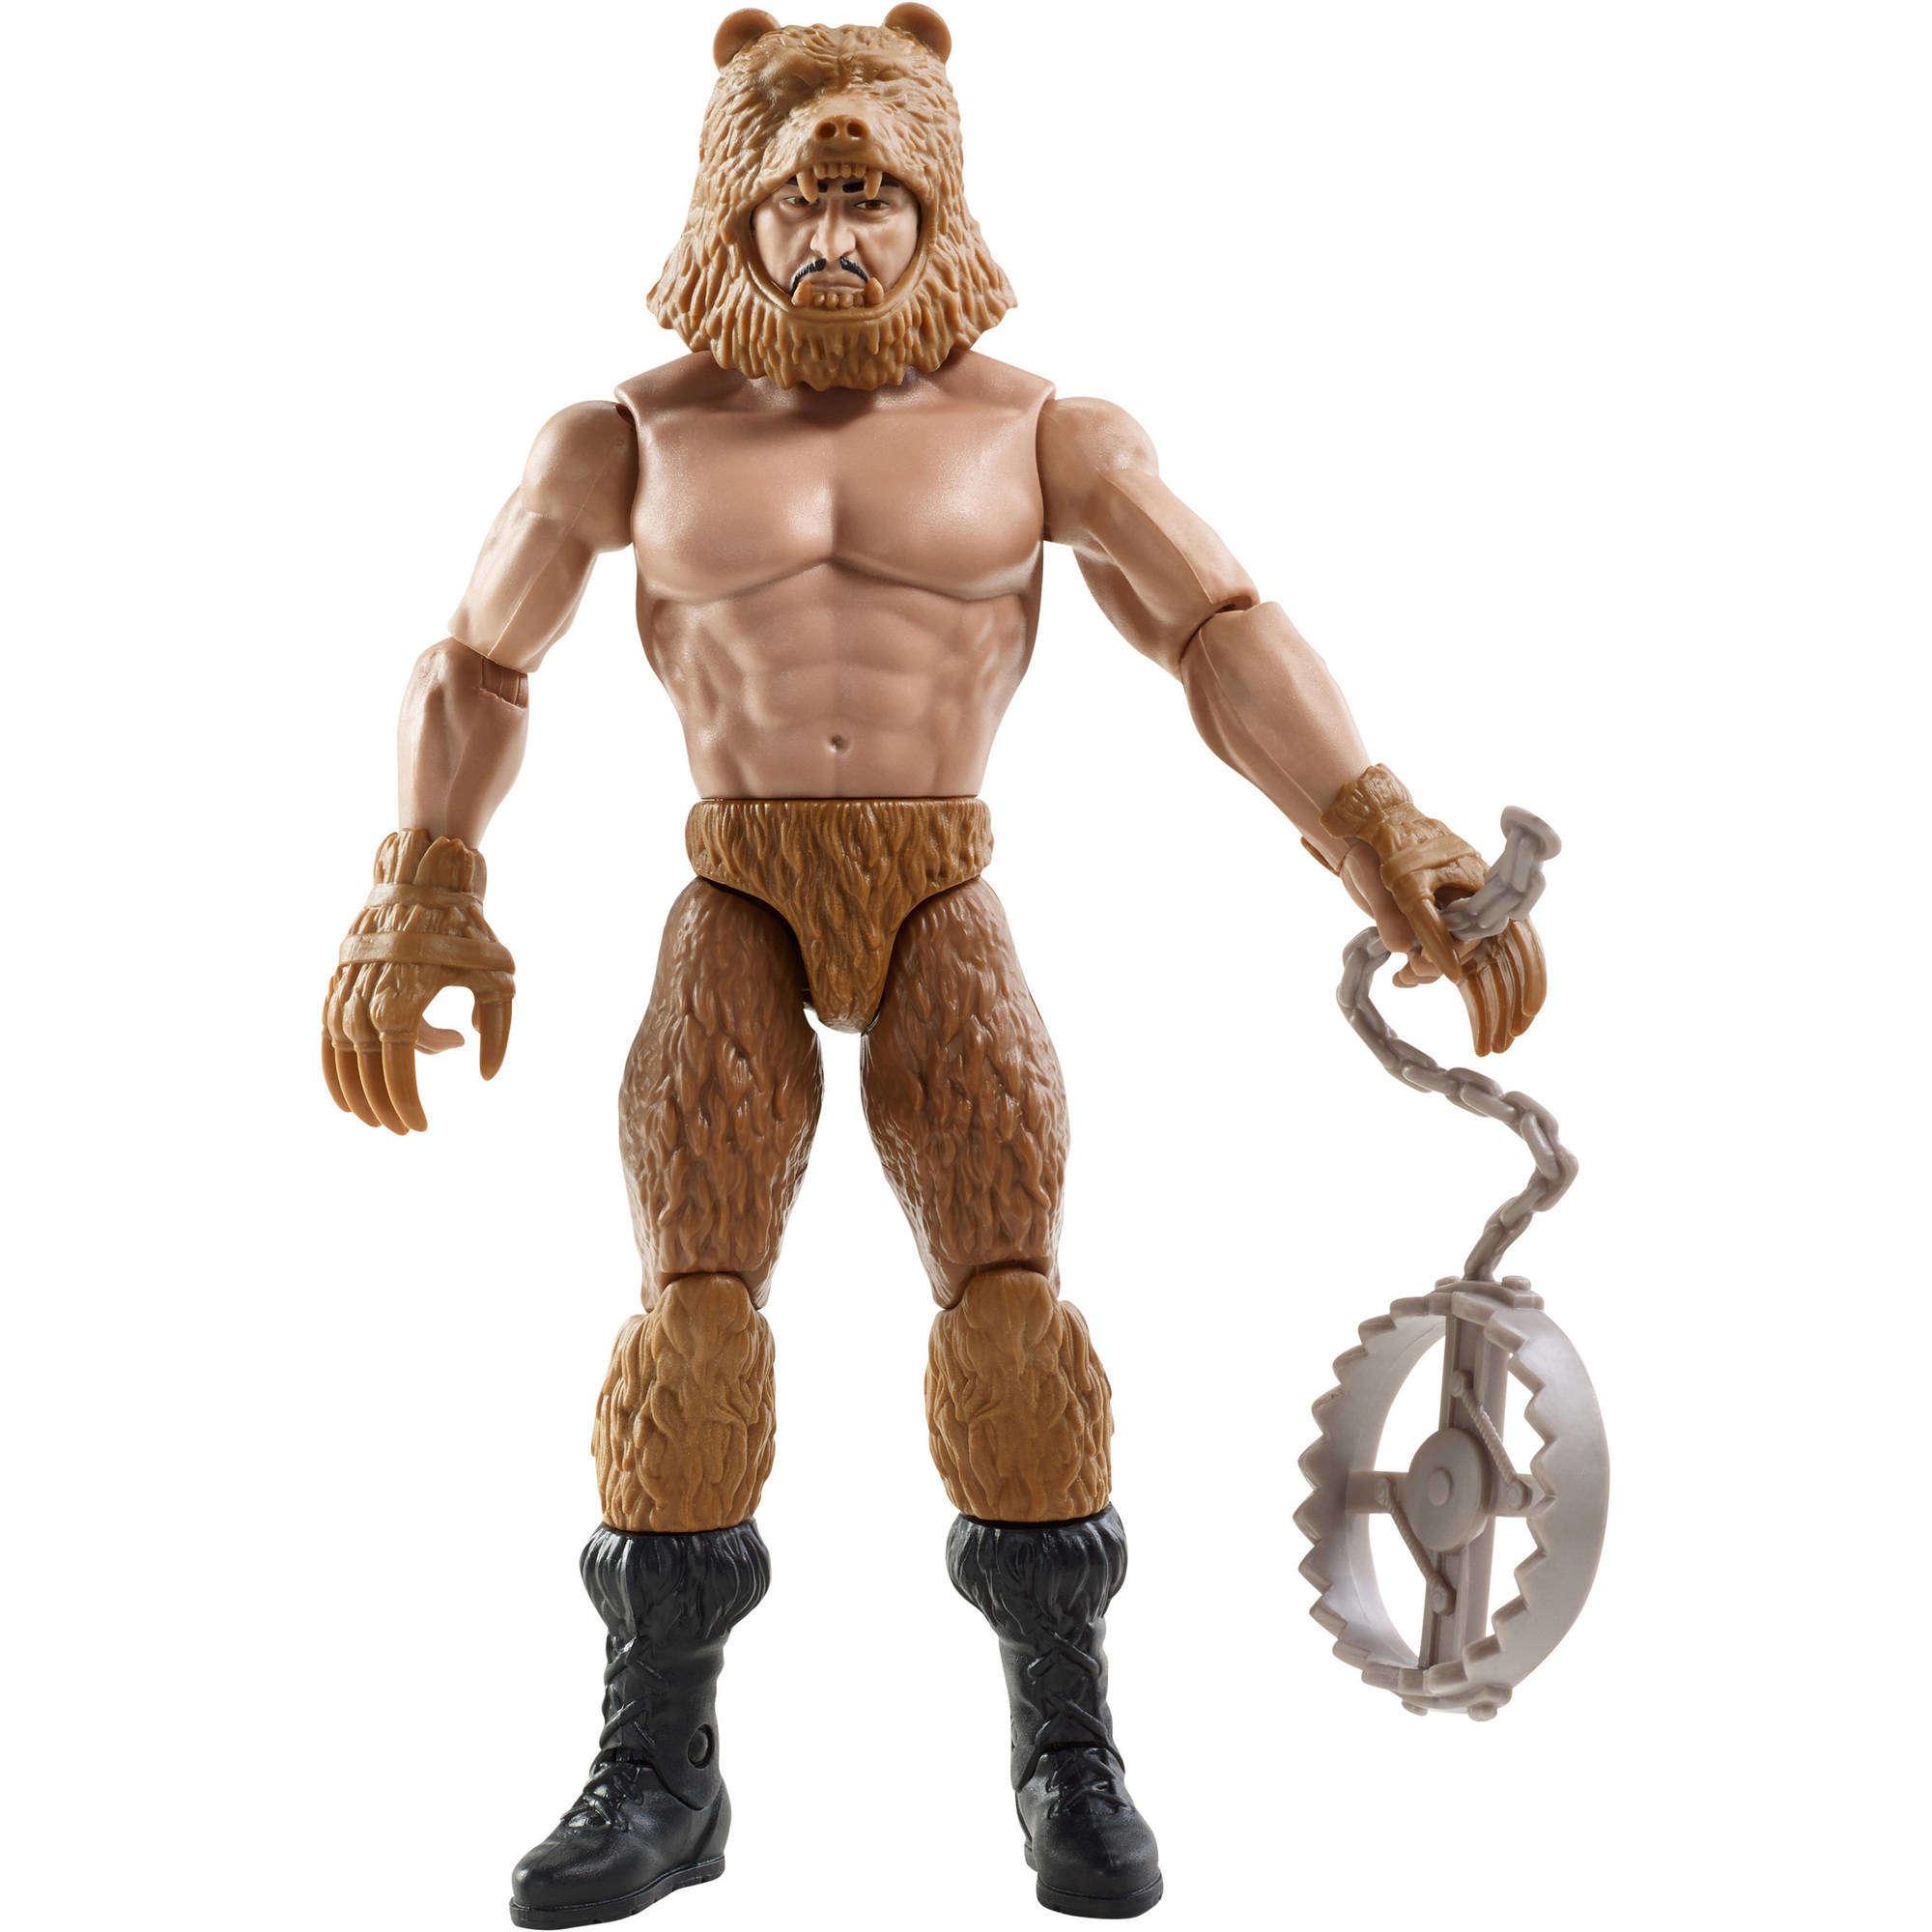 WWE Customize A Superstar Rusev Figure